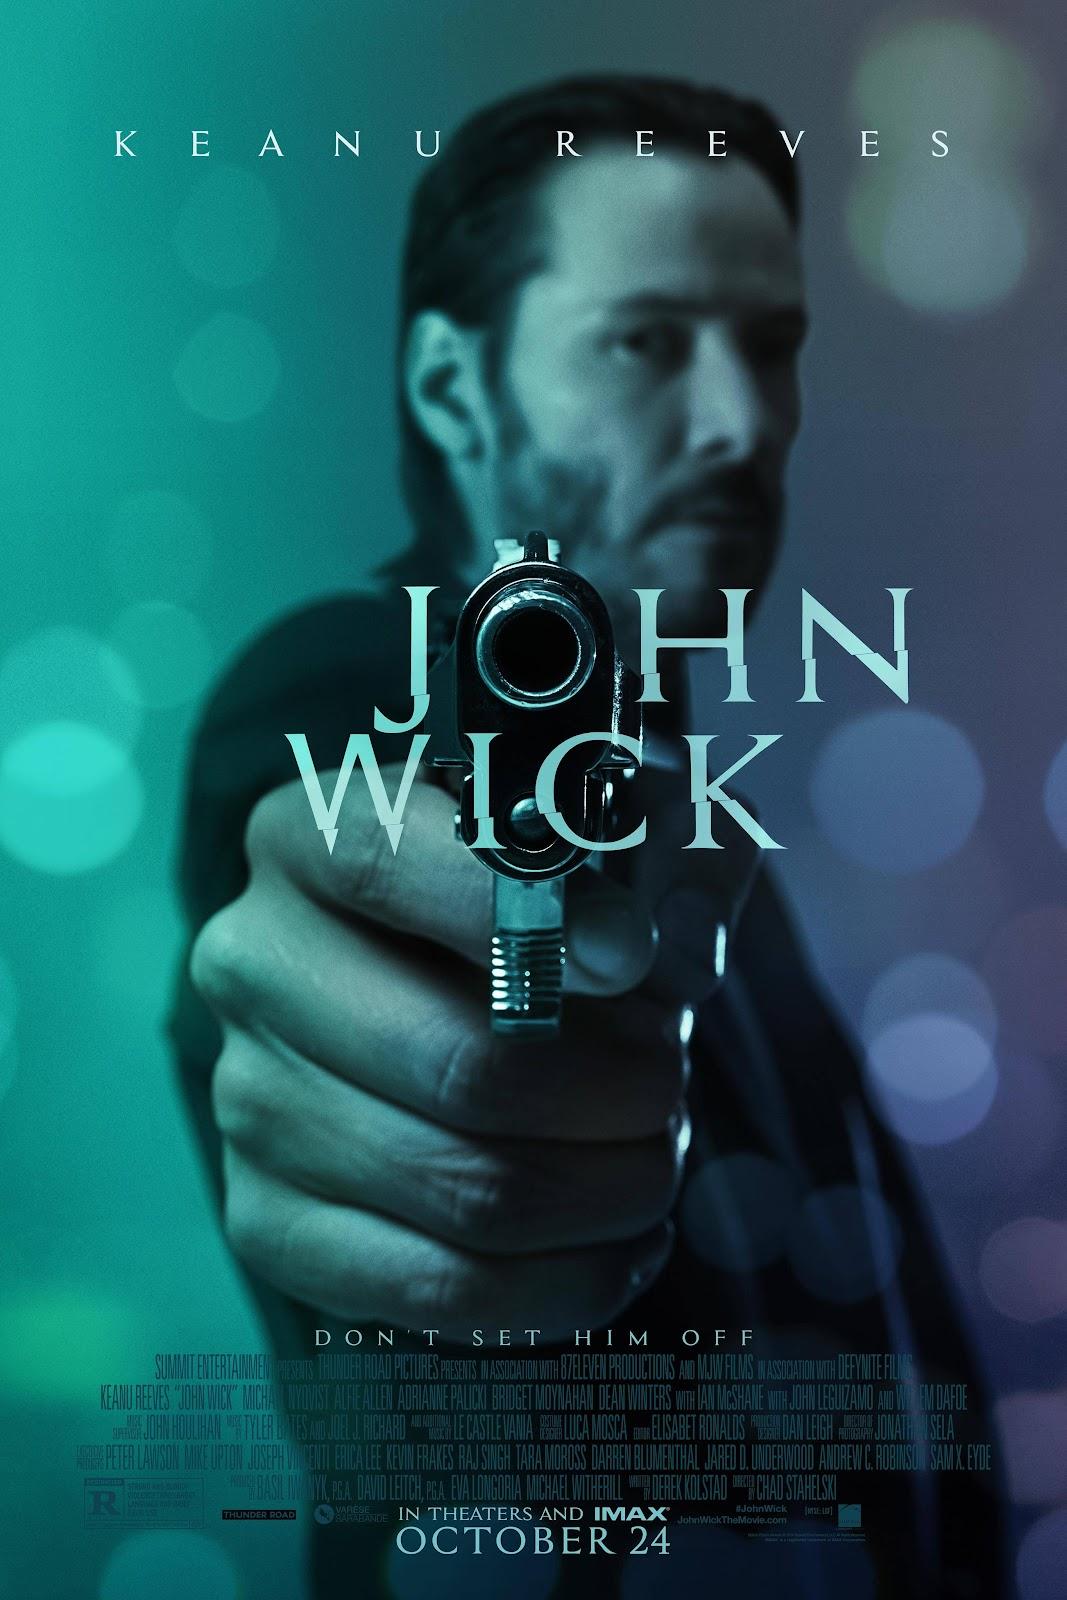 Jhon Wick (2014)